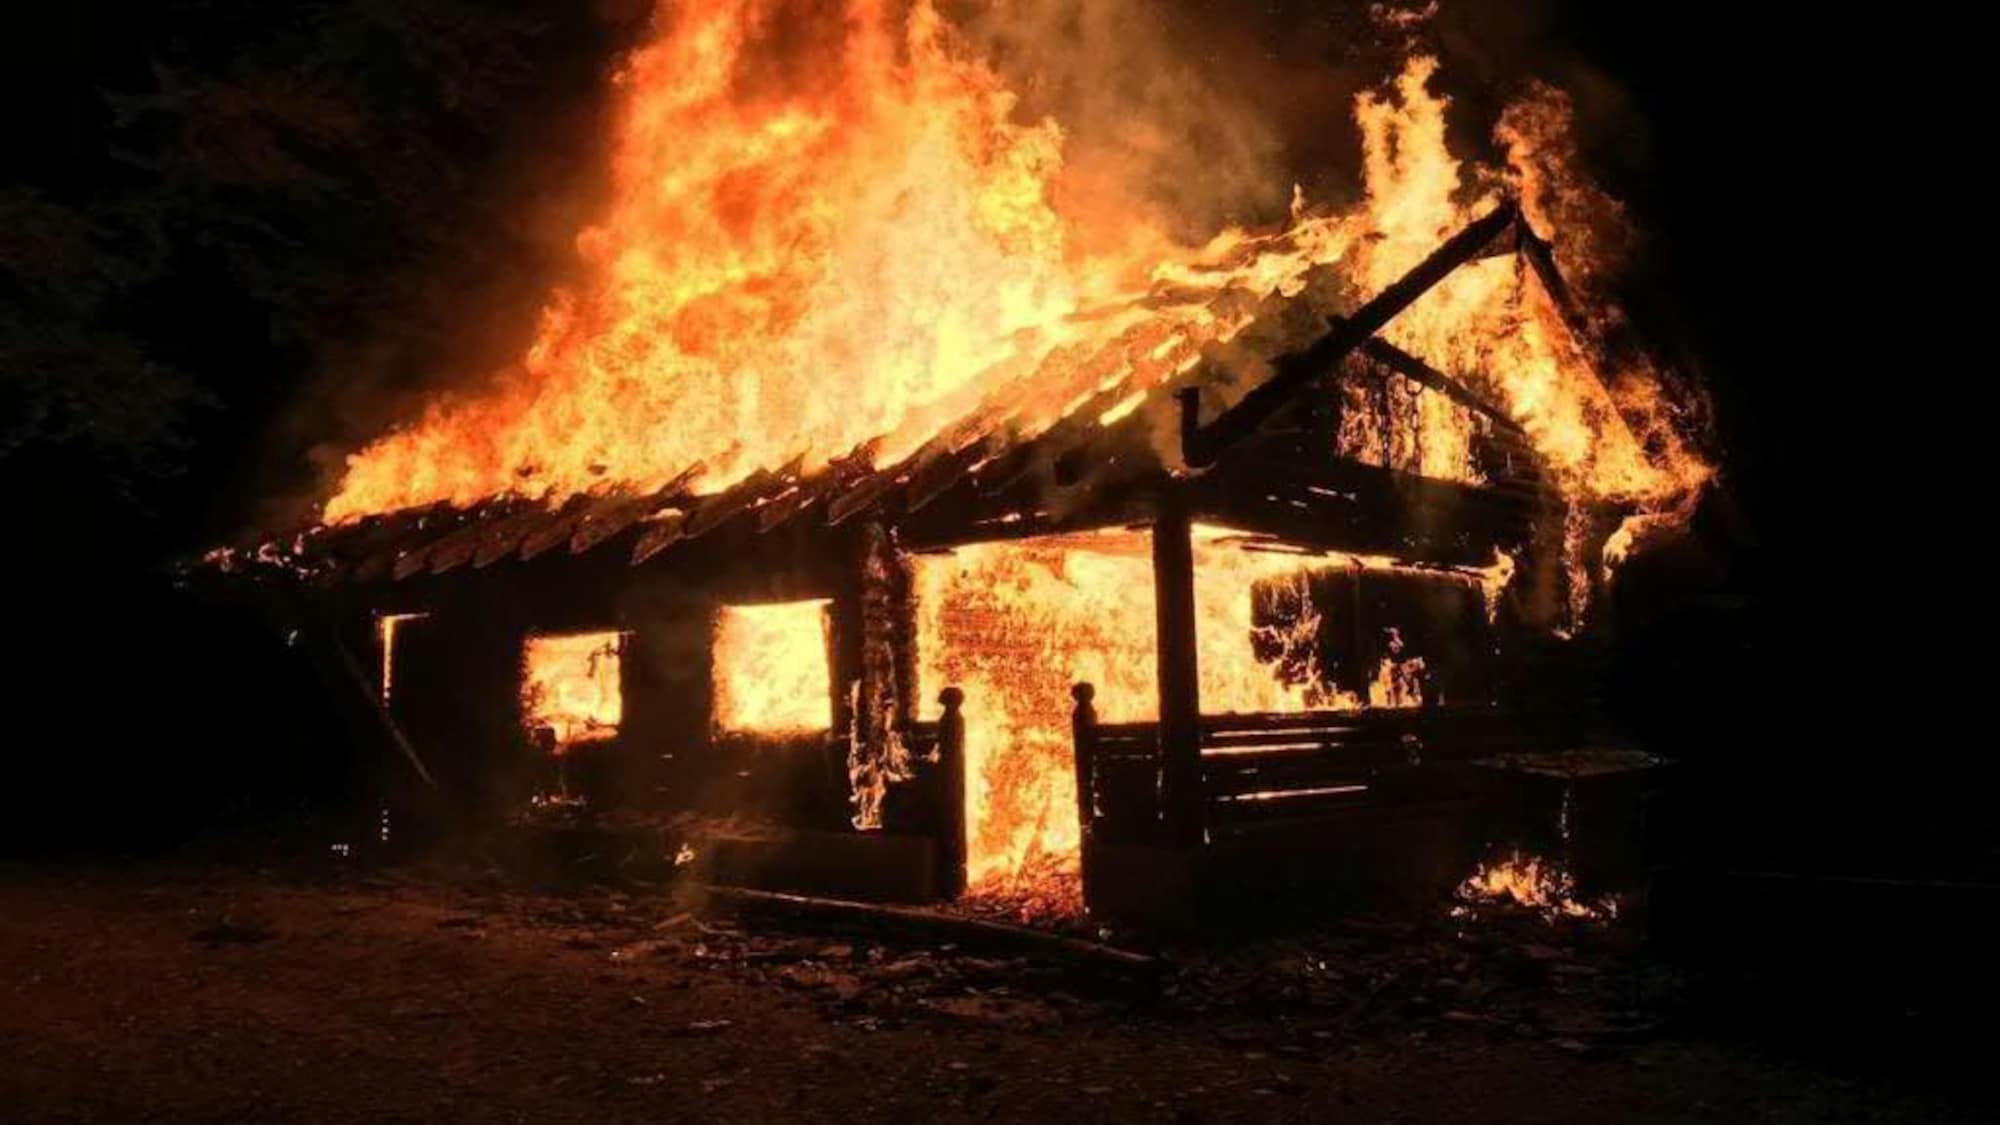 Brandstiftung: U-Haft für eine Person nach Brandstiftung in Merenschwand AG